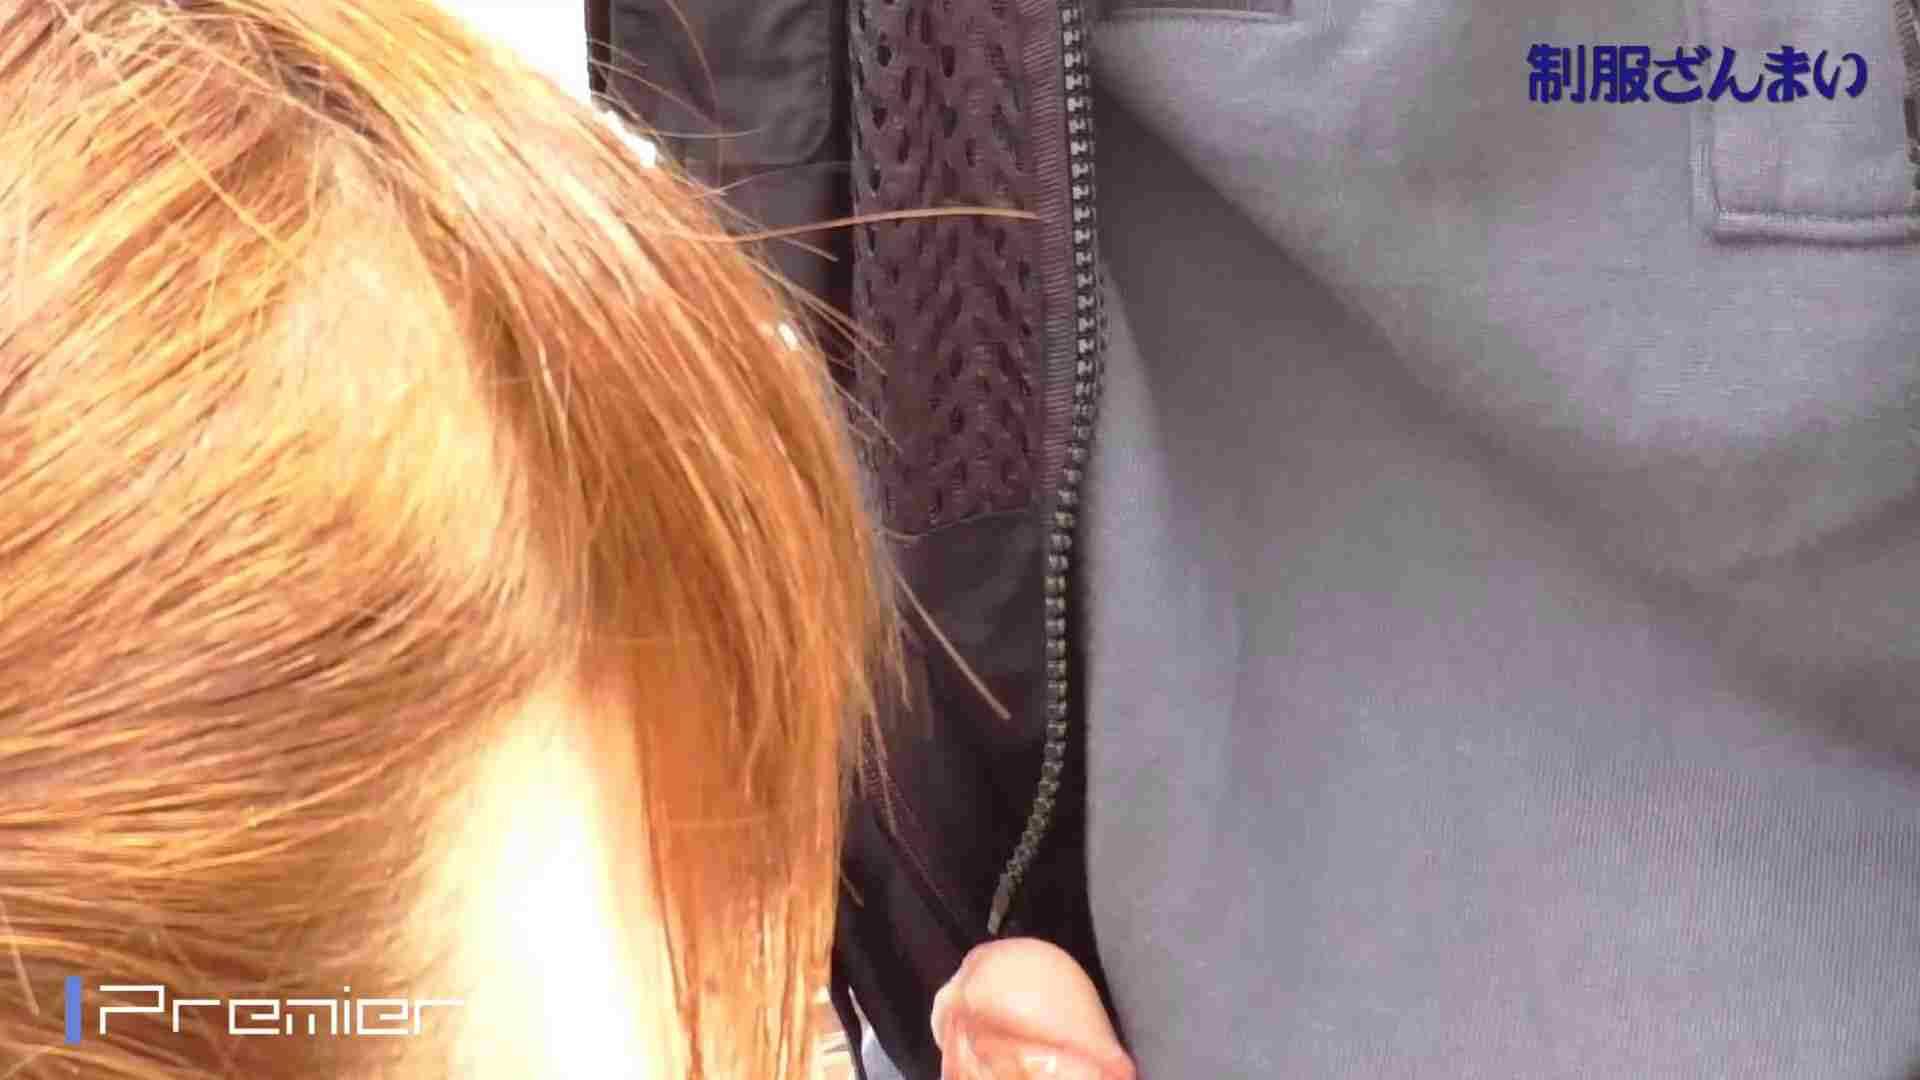 パンツを売る女 Vol.23制月反女子変態ざんまい前編 高画質動画 アダルト動画キャプチャ 86画像 75